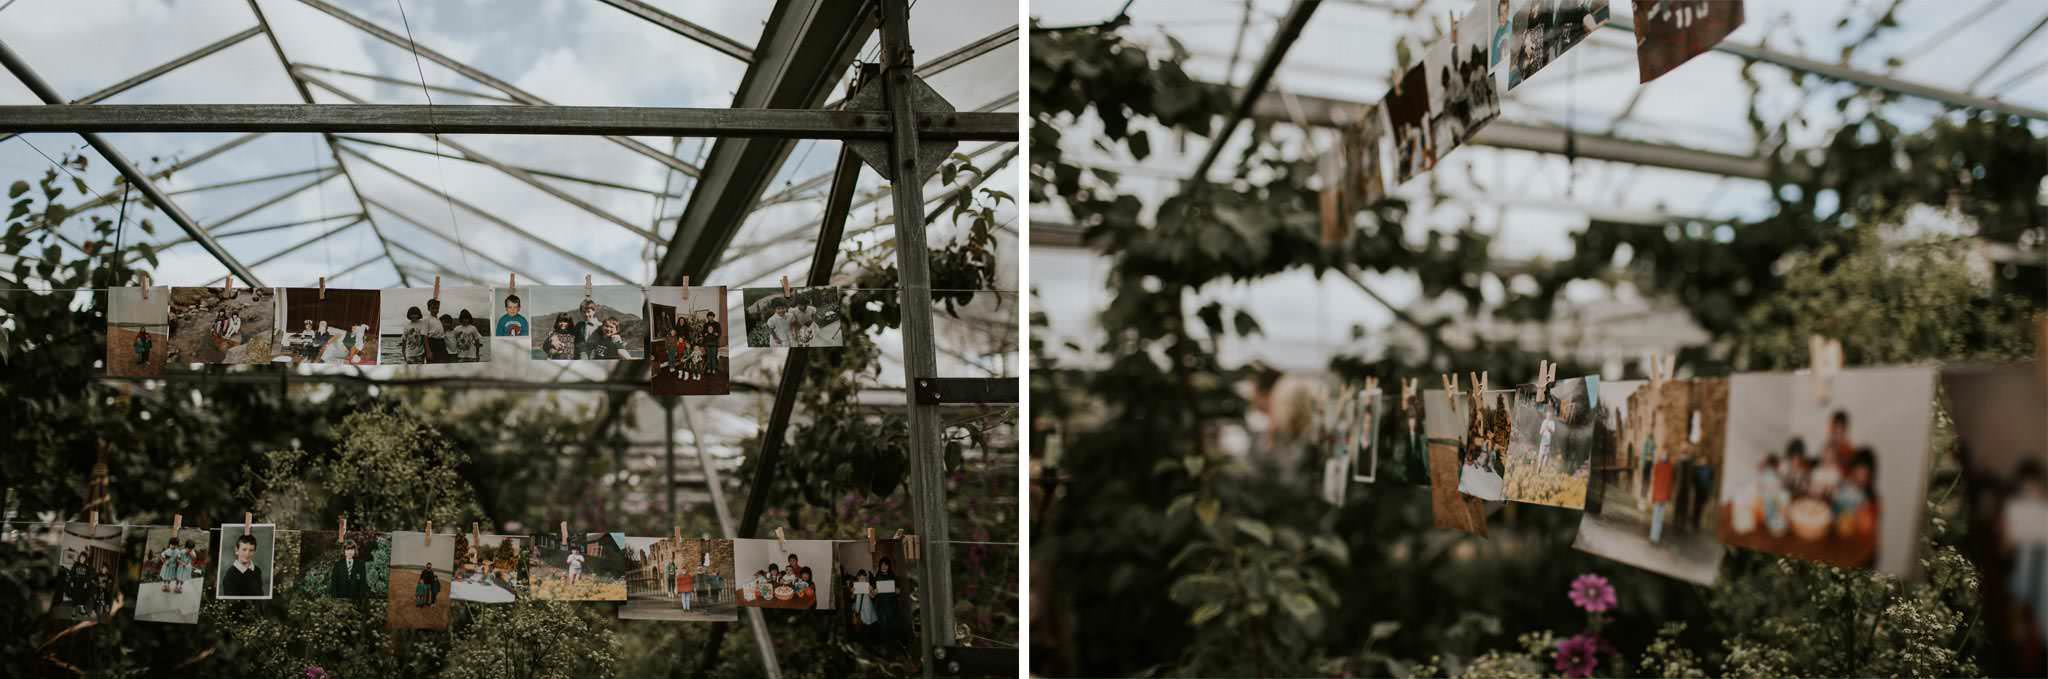 secret-herb-garden-edinburgh-vegan-wedding-078